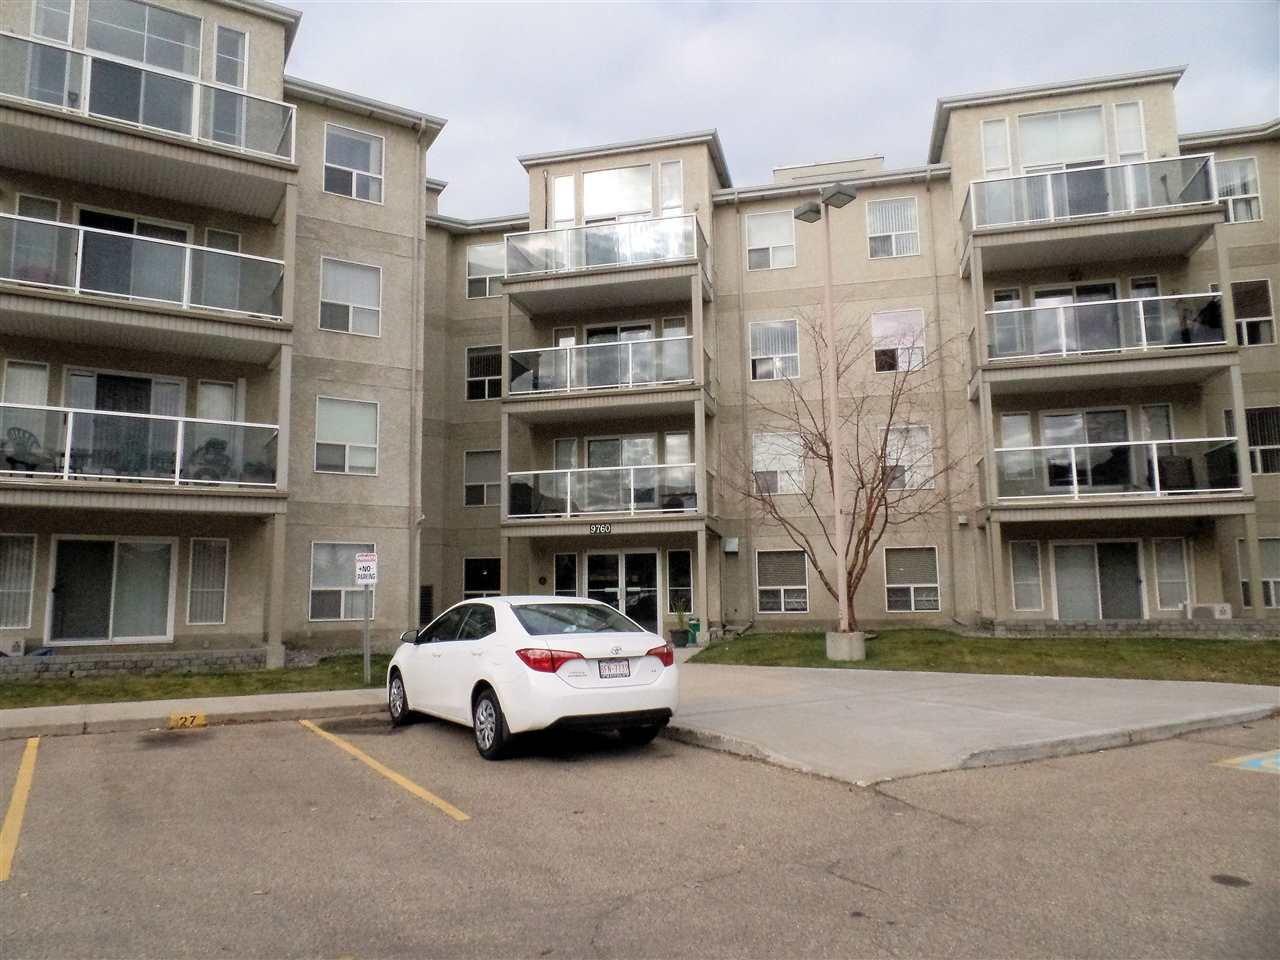 Main Photo: #210 9760 174 ST NW in Edmonton: Zone 20 Condo for sale : MLS®# E4042458